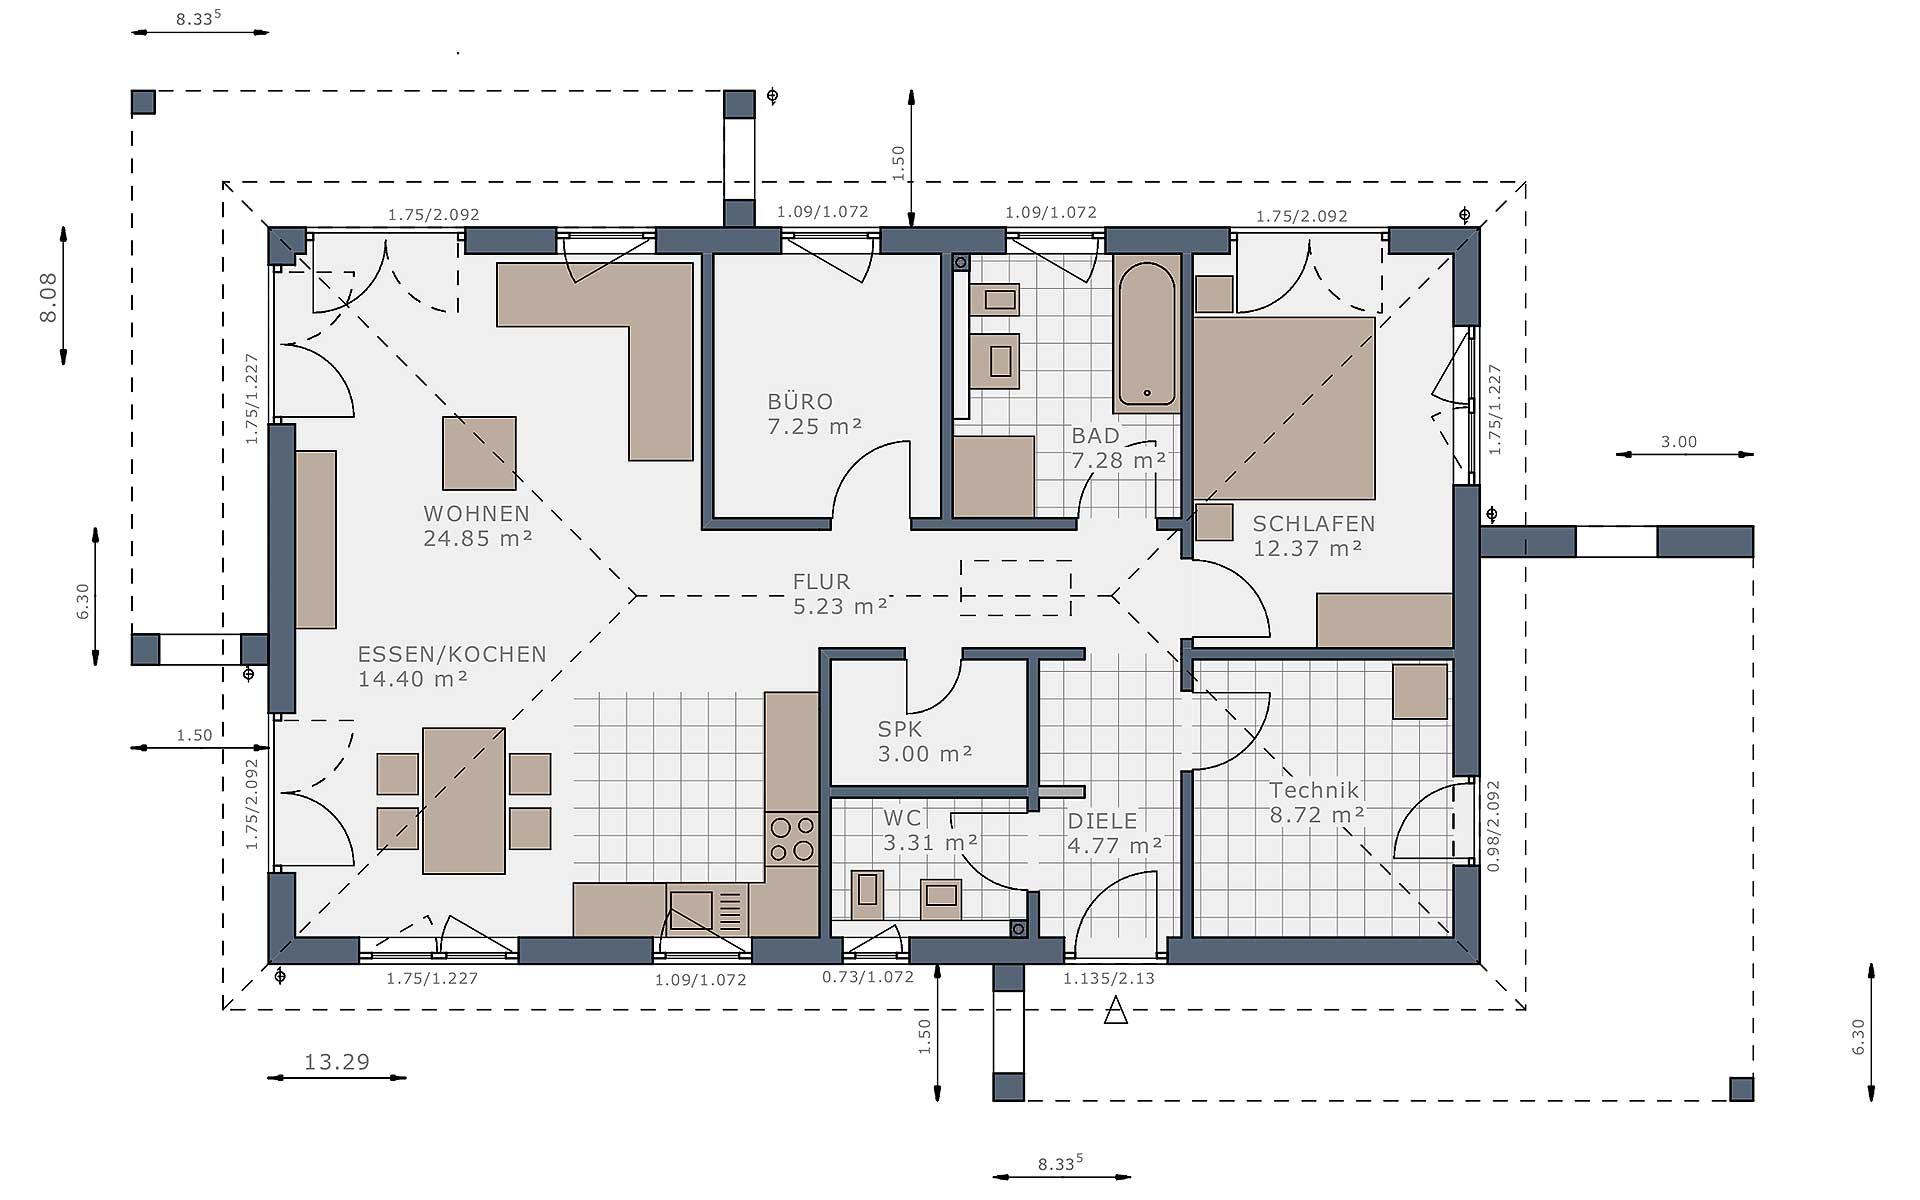 Erdgeschoss Solitaire-B-90 E2 von Schwabenhaus GmbH & Co. KG